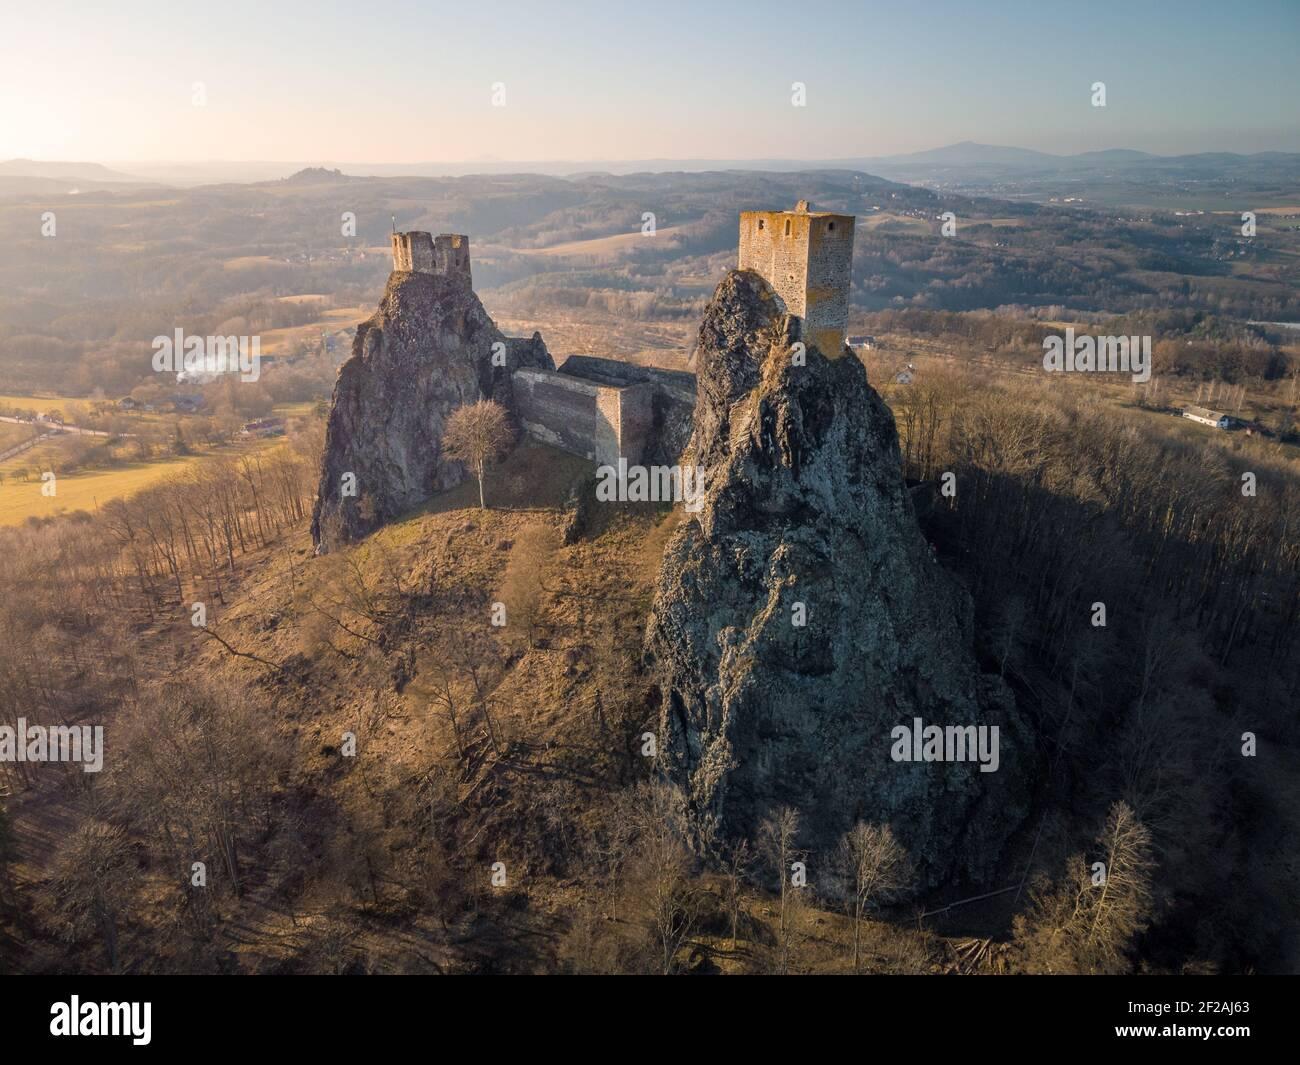 Château de Trosky dans la région de Cesky Raj - République tchèque - vue aérienne - voyage et architecture Banque D'Images